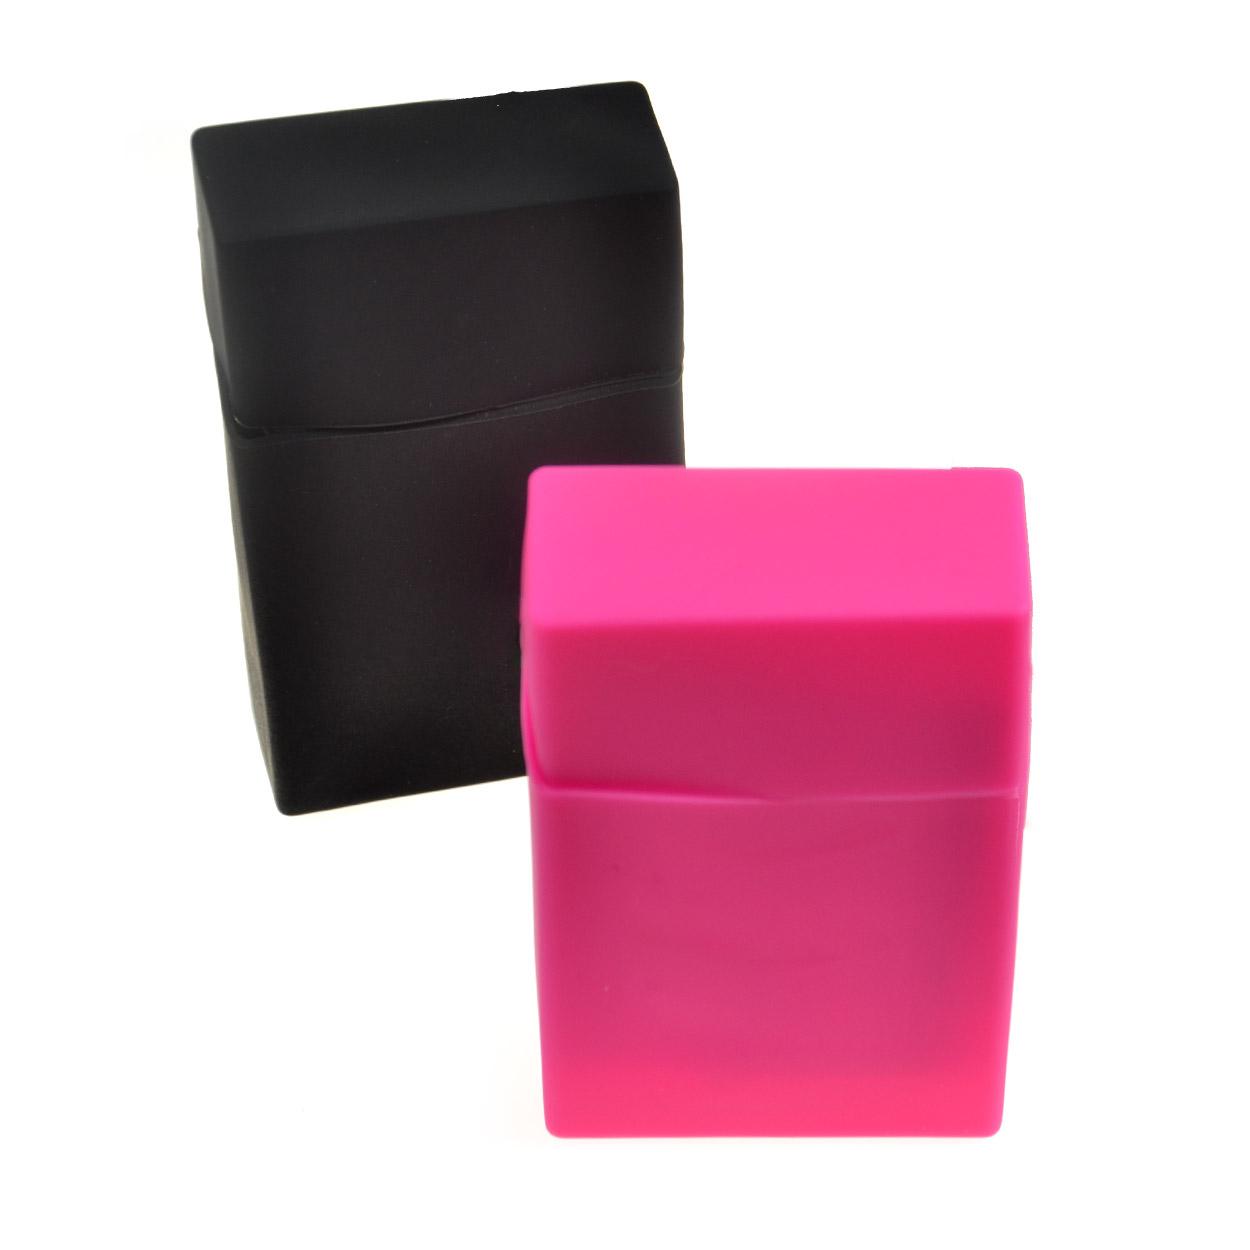 technické, průmyslové odlitky, pvc - guma - silikon - Silikonové pouzdro na cigarety